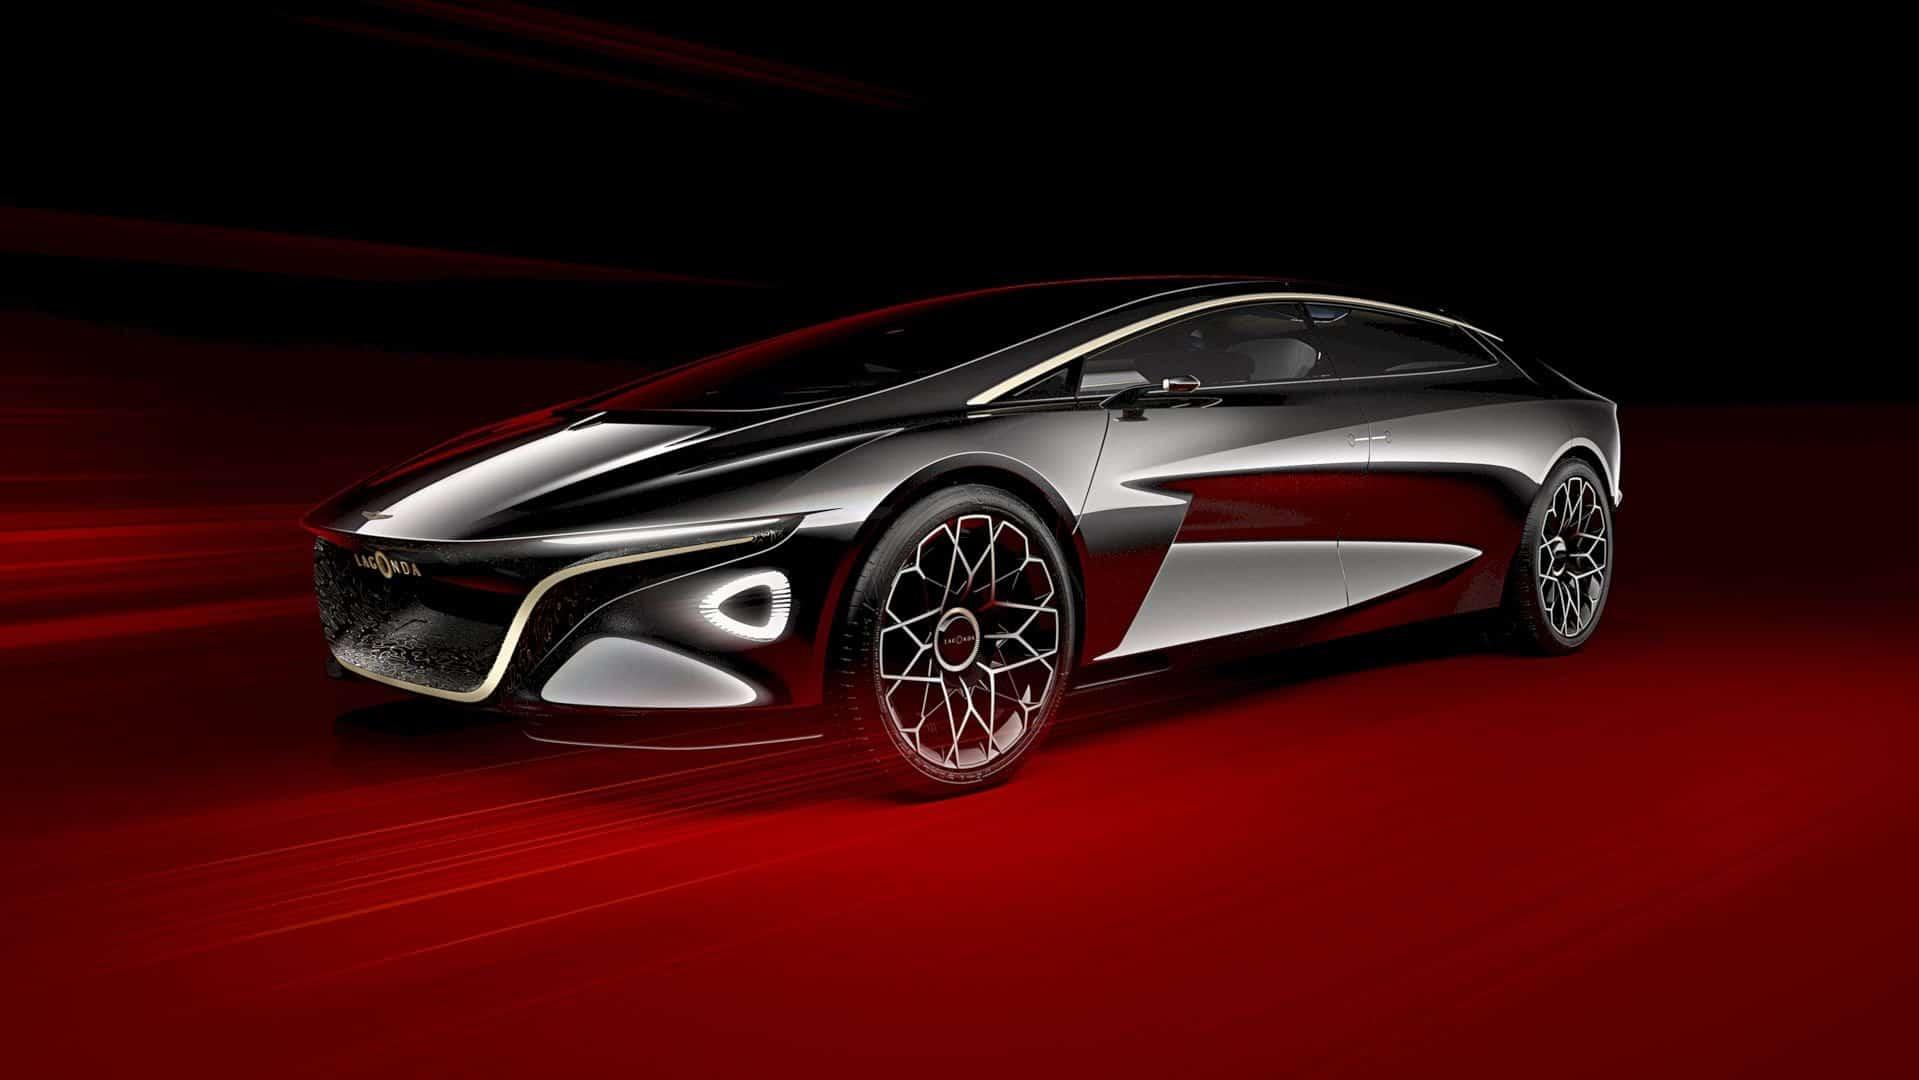 Lagonda Vision Concept By Aston Martin 7